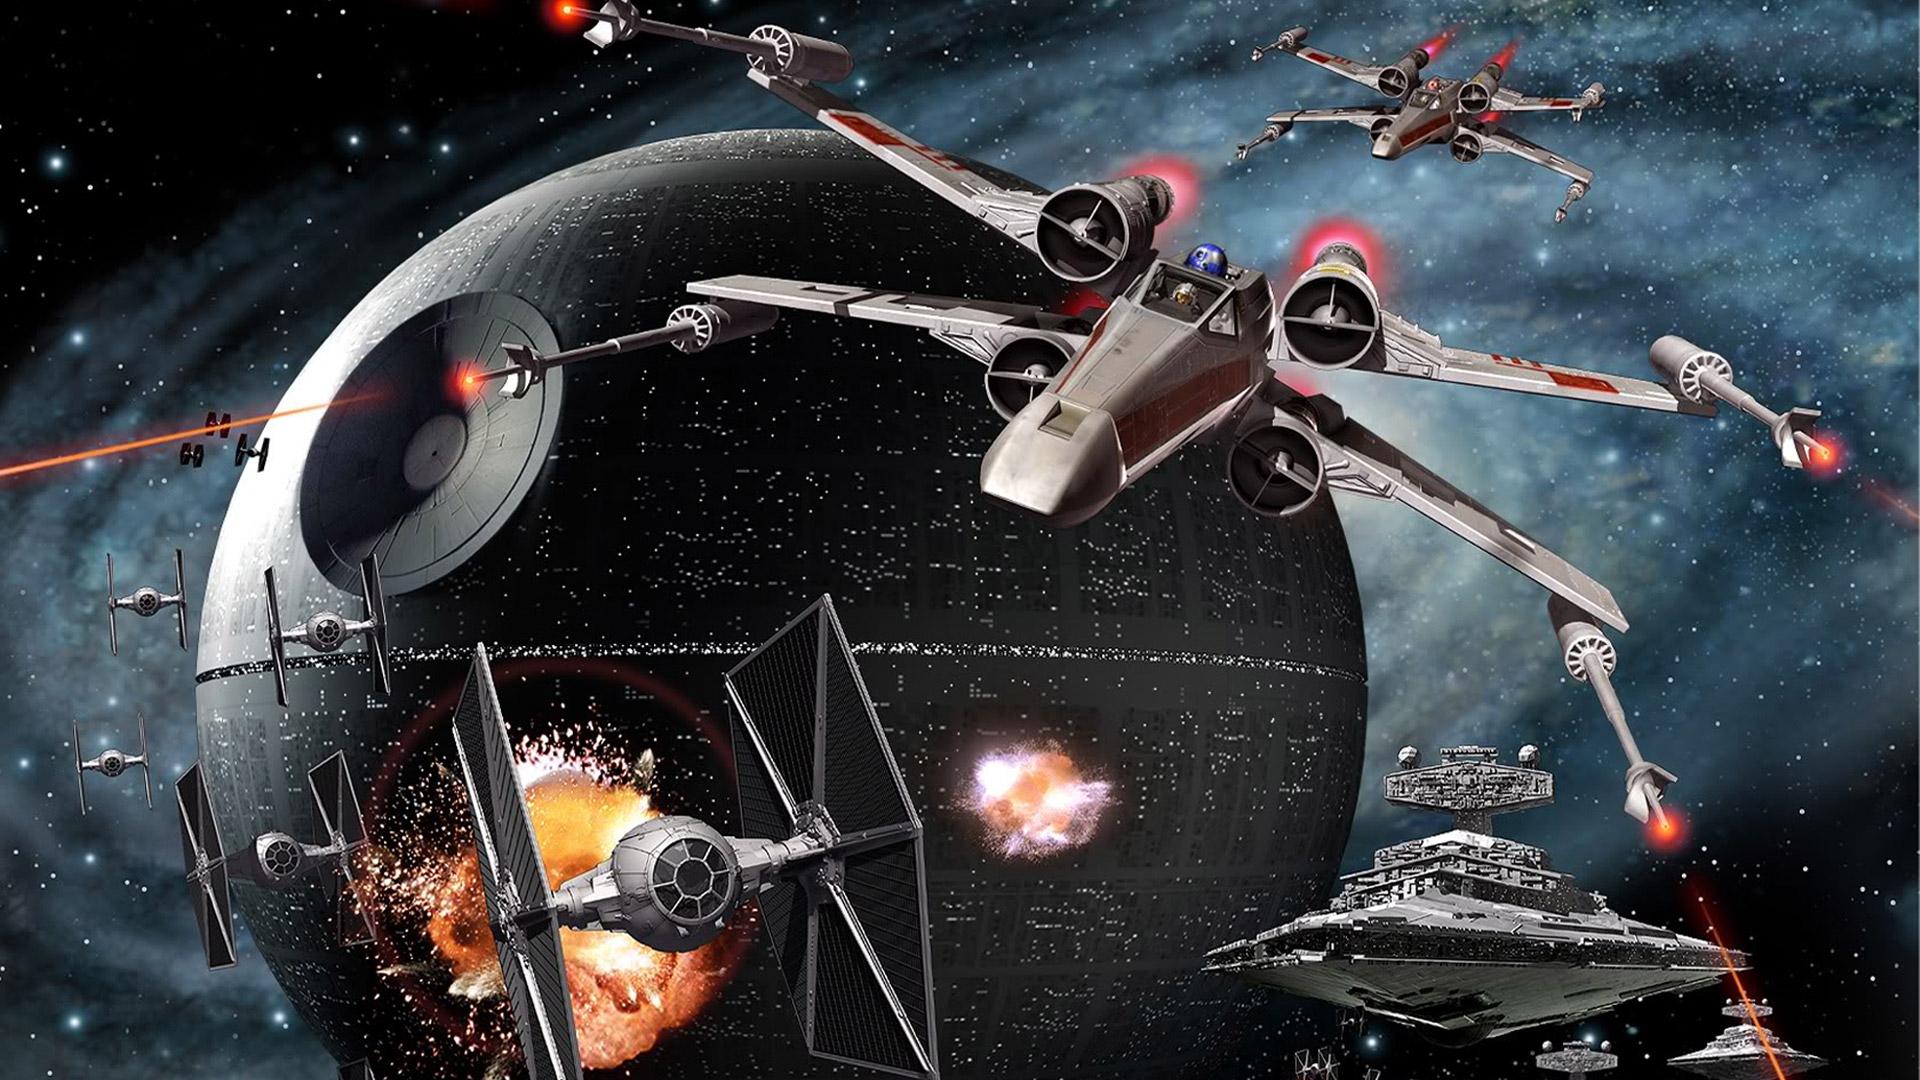 star wars wallpaper 1920x1080 HD 1920x1080